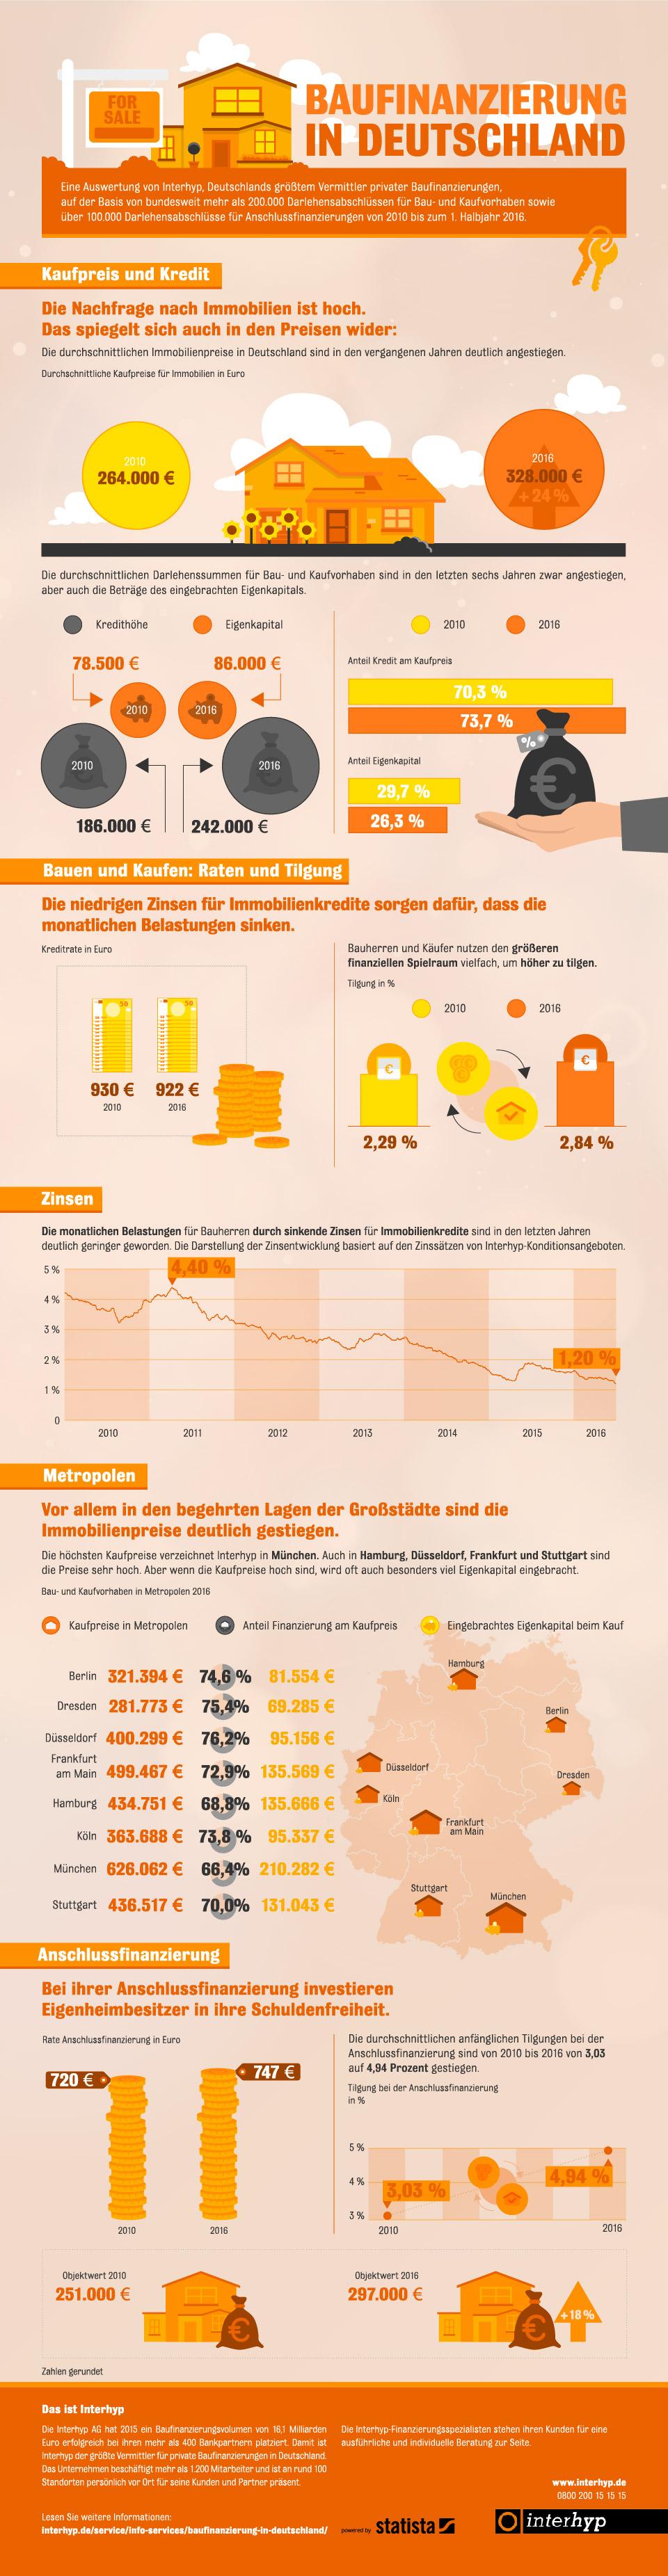 infografik_5737_baufinanzierung_in_deutschland_n